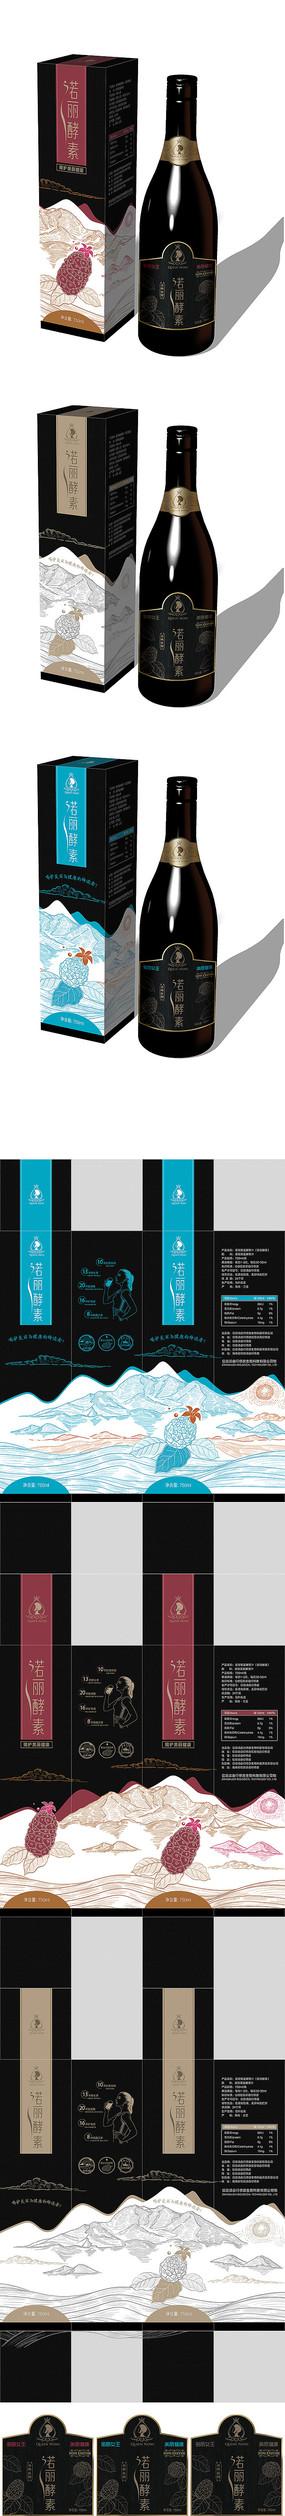 诺丽酵素饮料包装设计